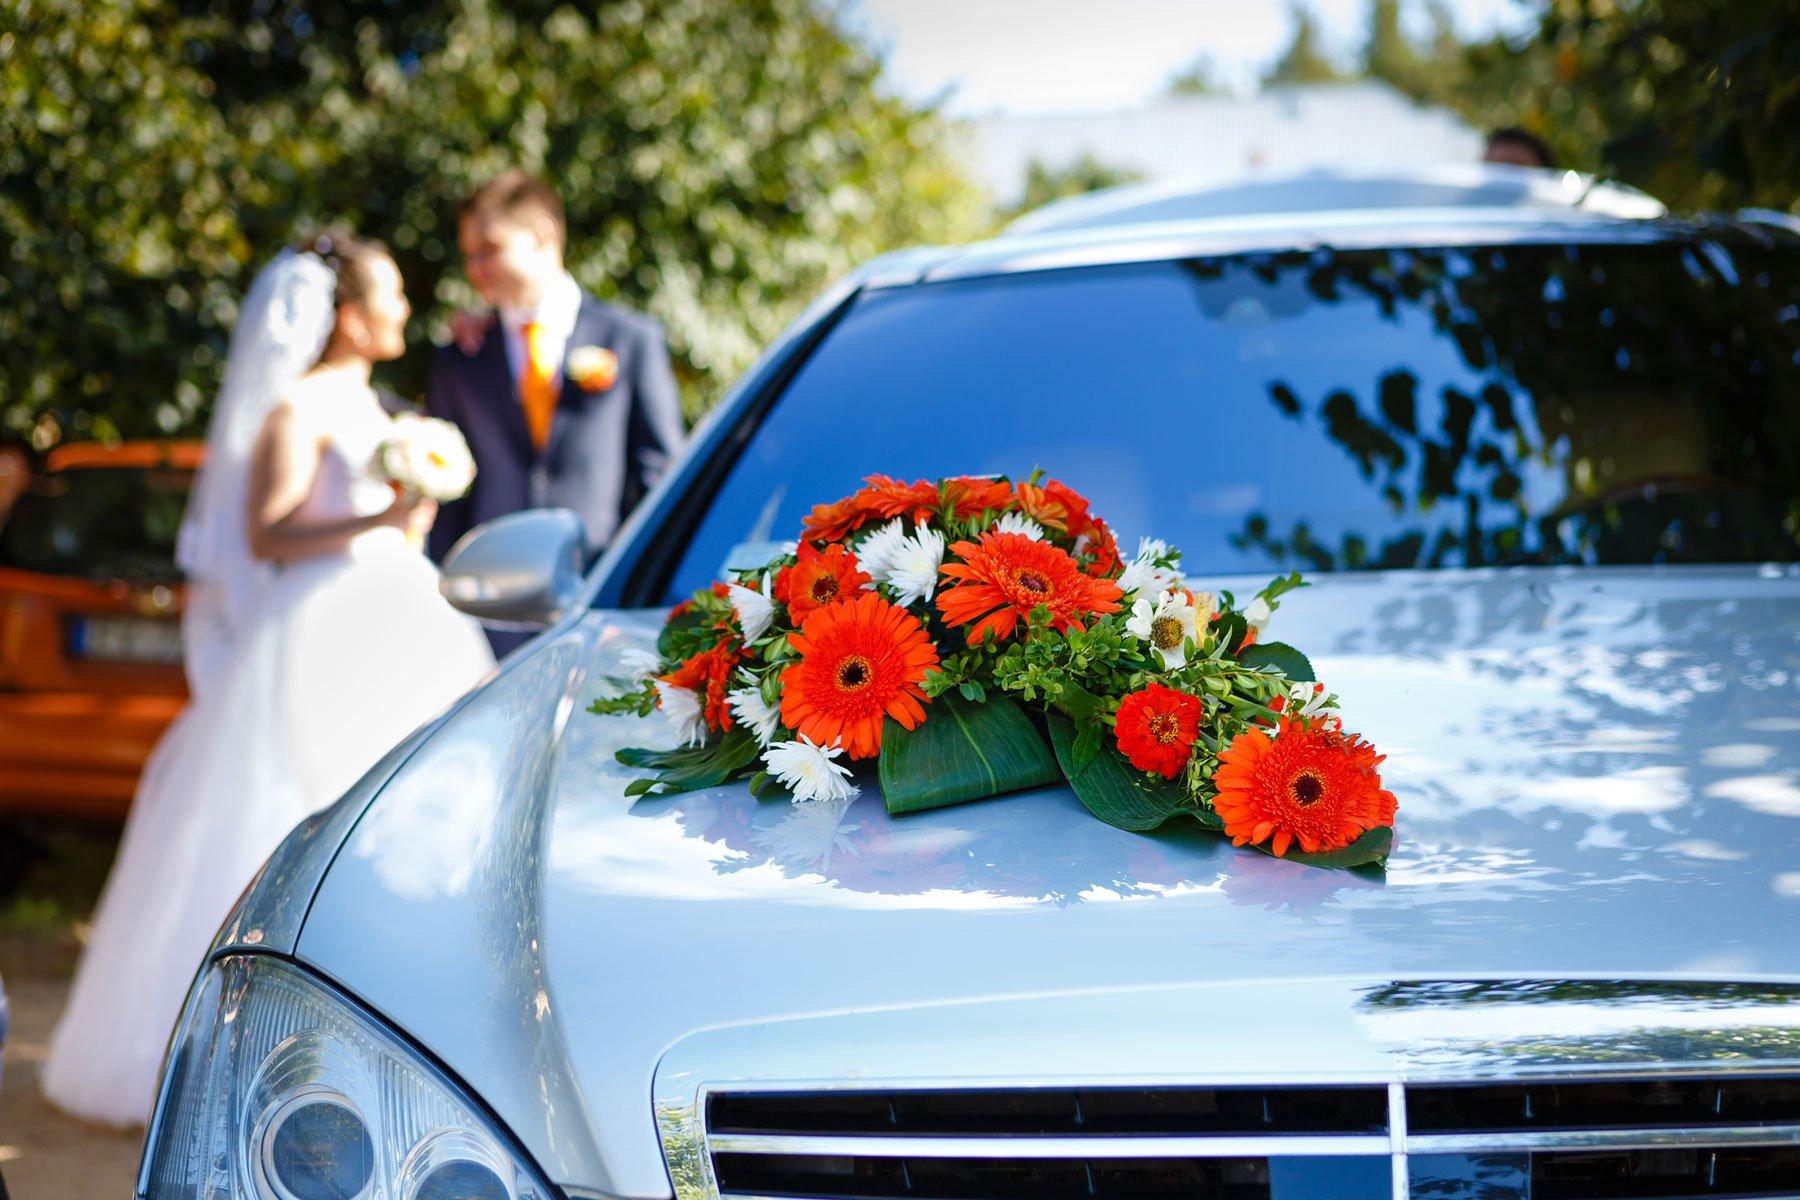 Una macchina con dei fiori sul cofano e due sposi sulla destra